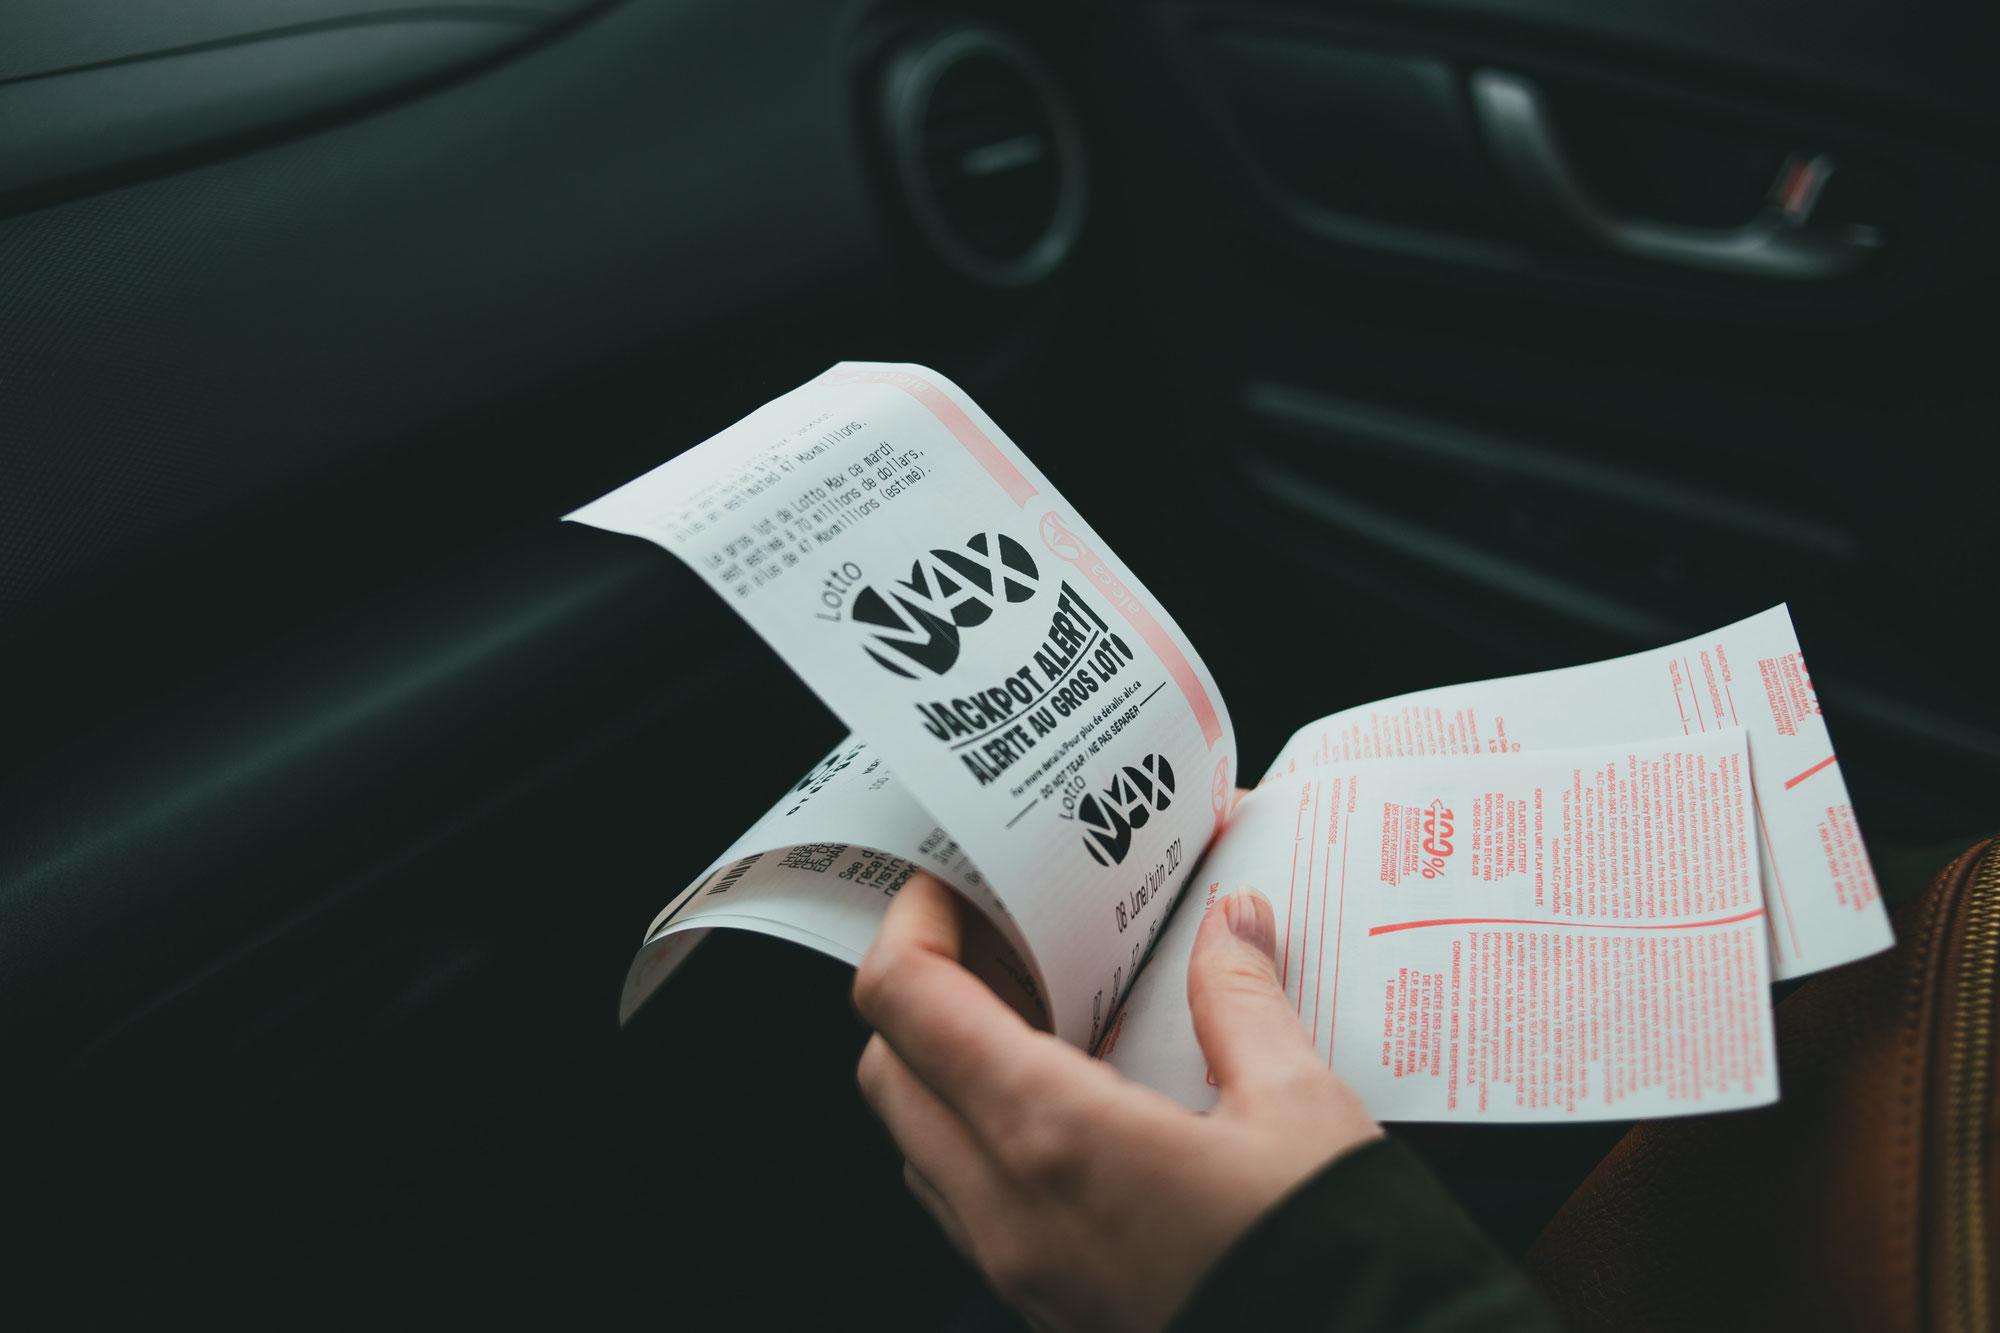 Führerschein im Lotto gewonnen?